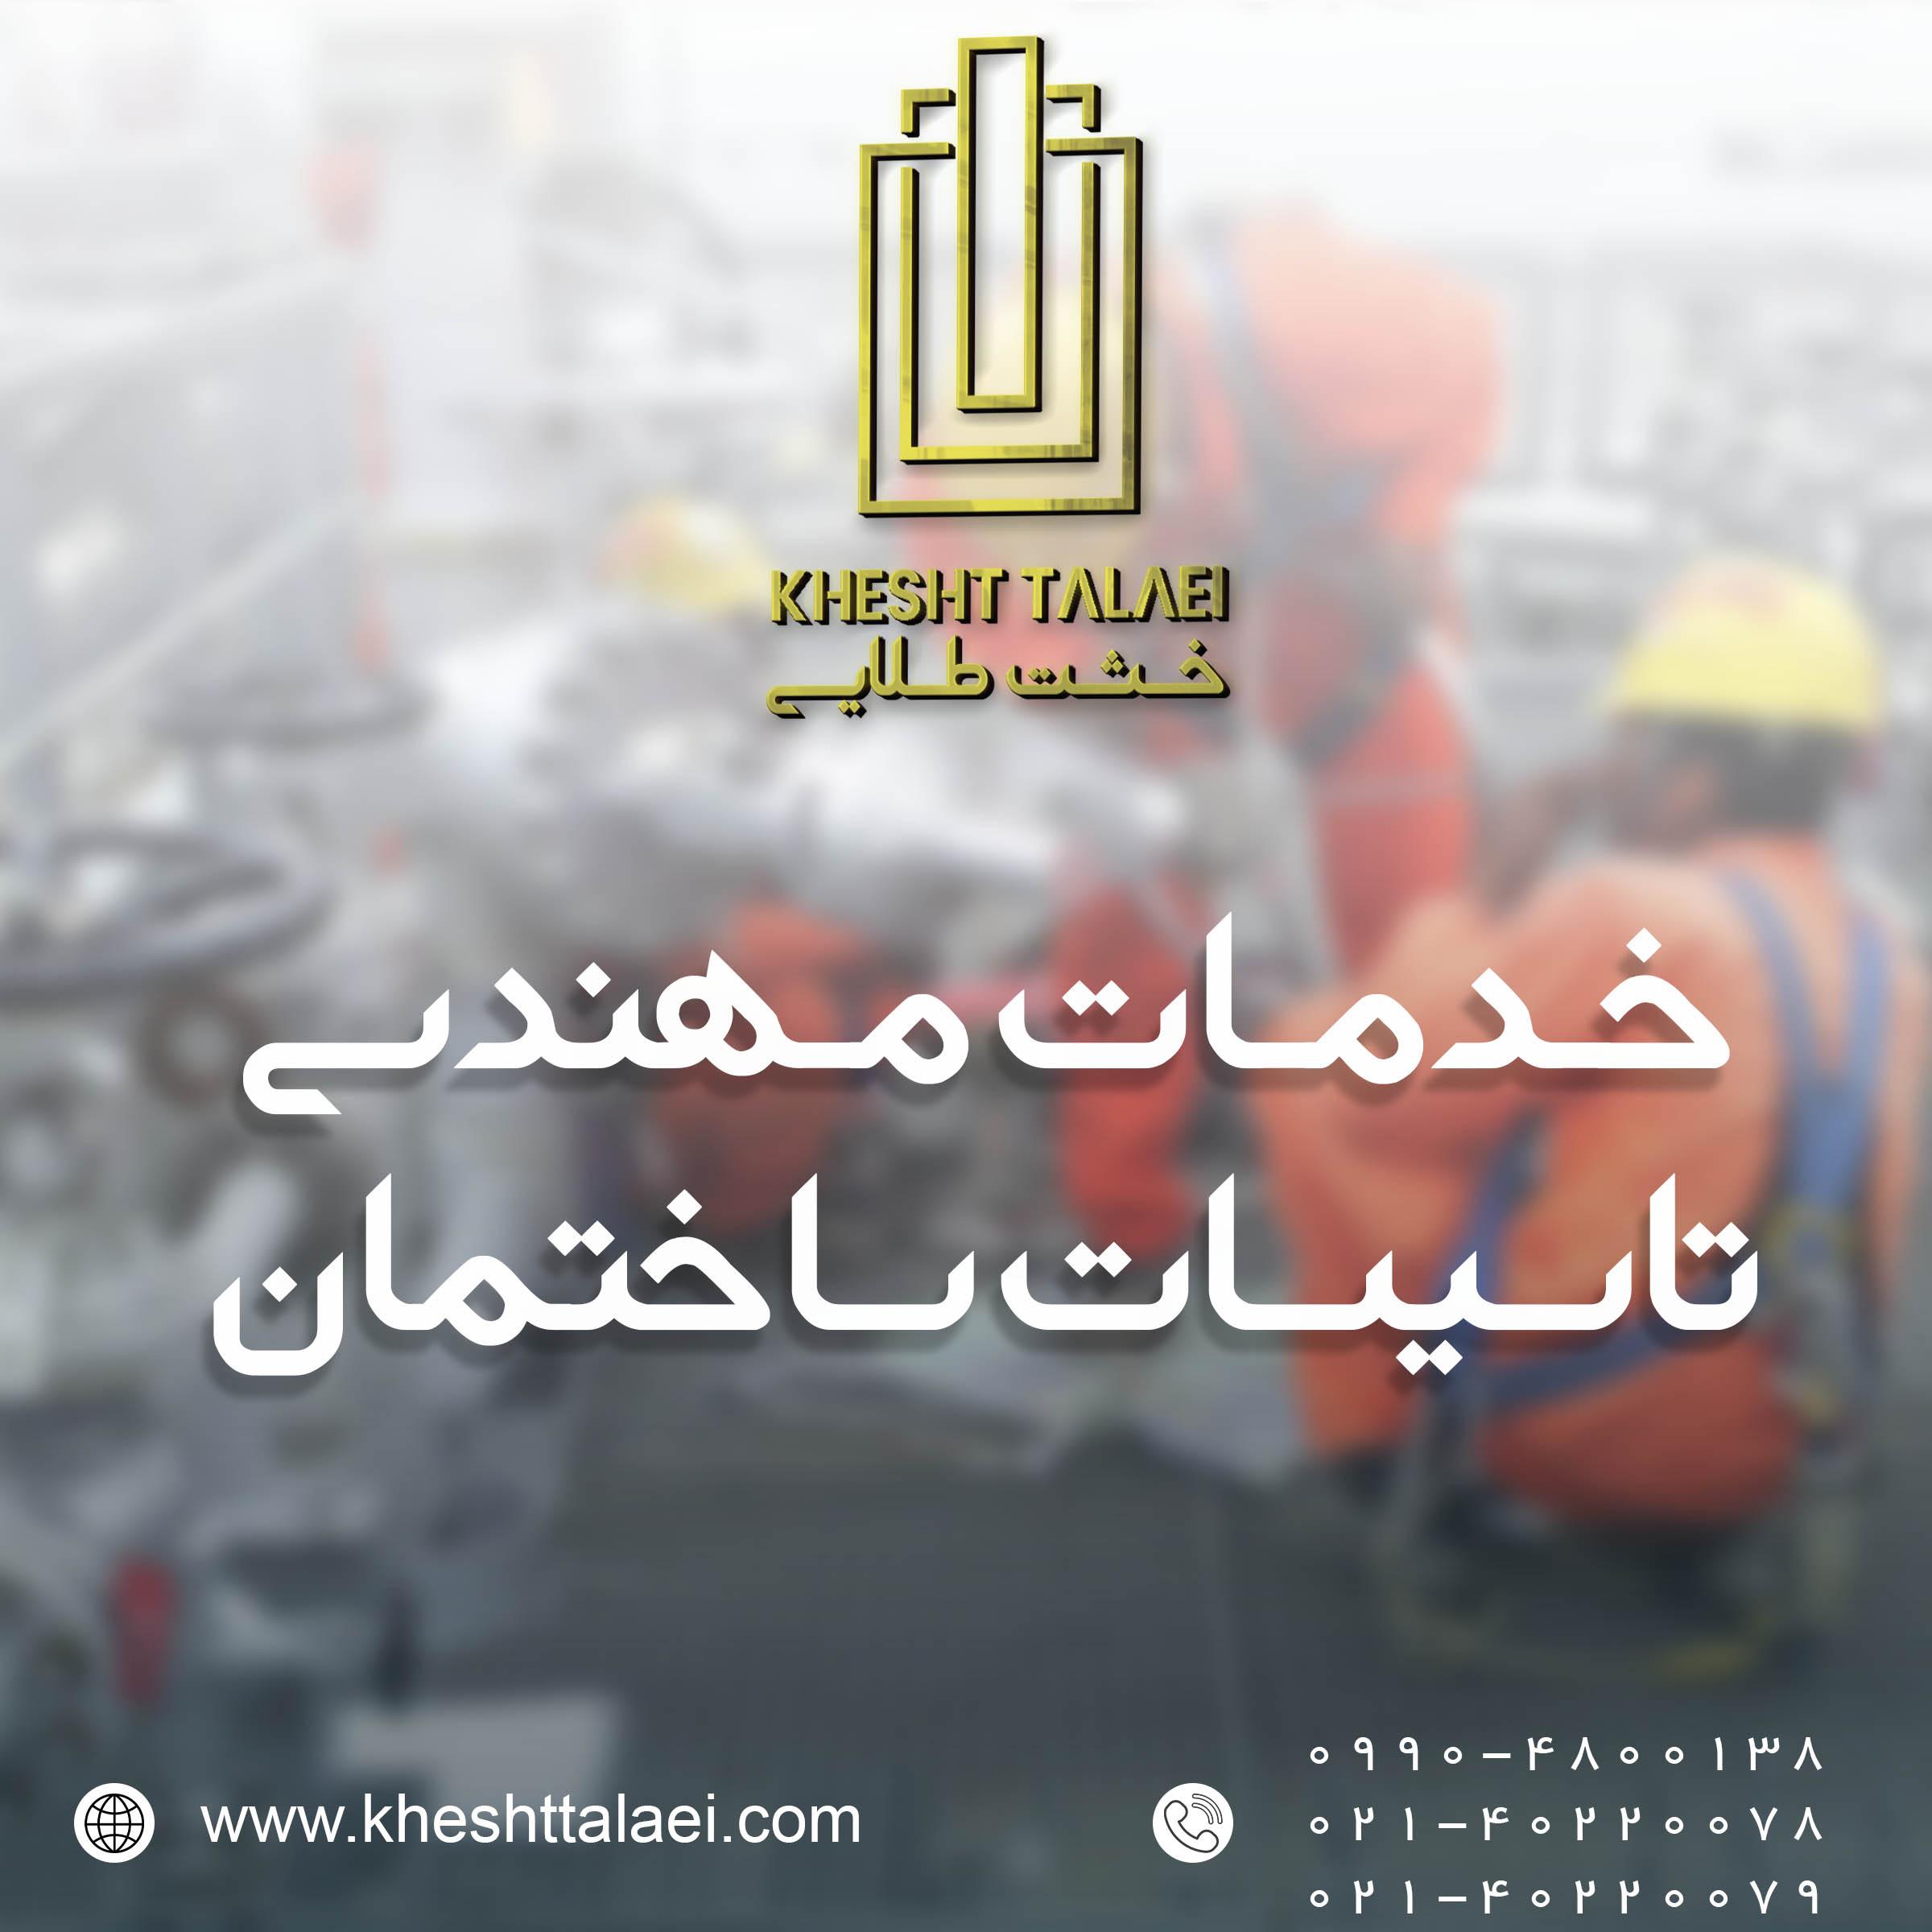 خدمات مهندسی تاسیسات